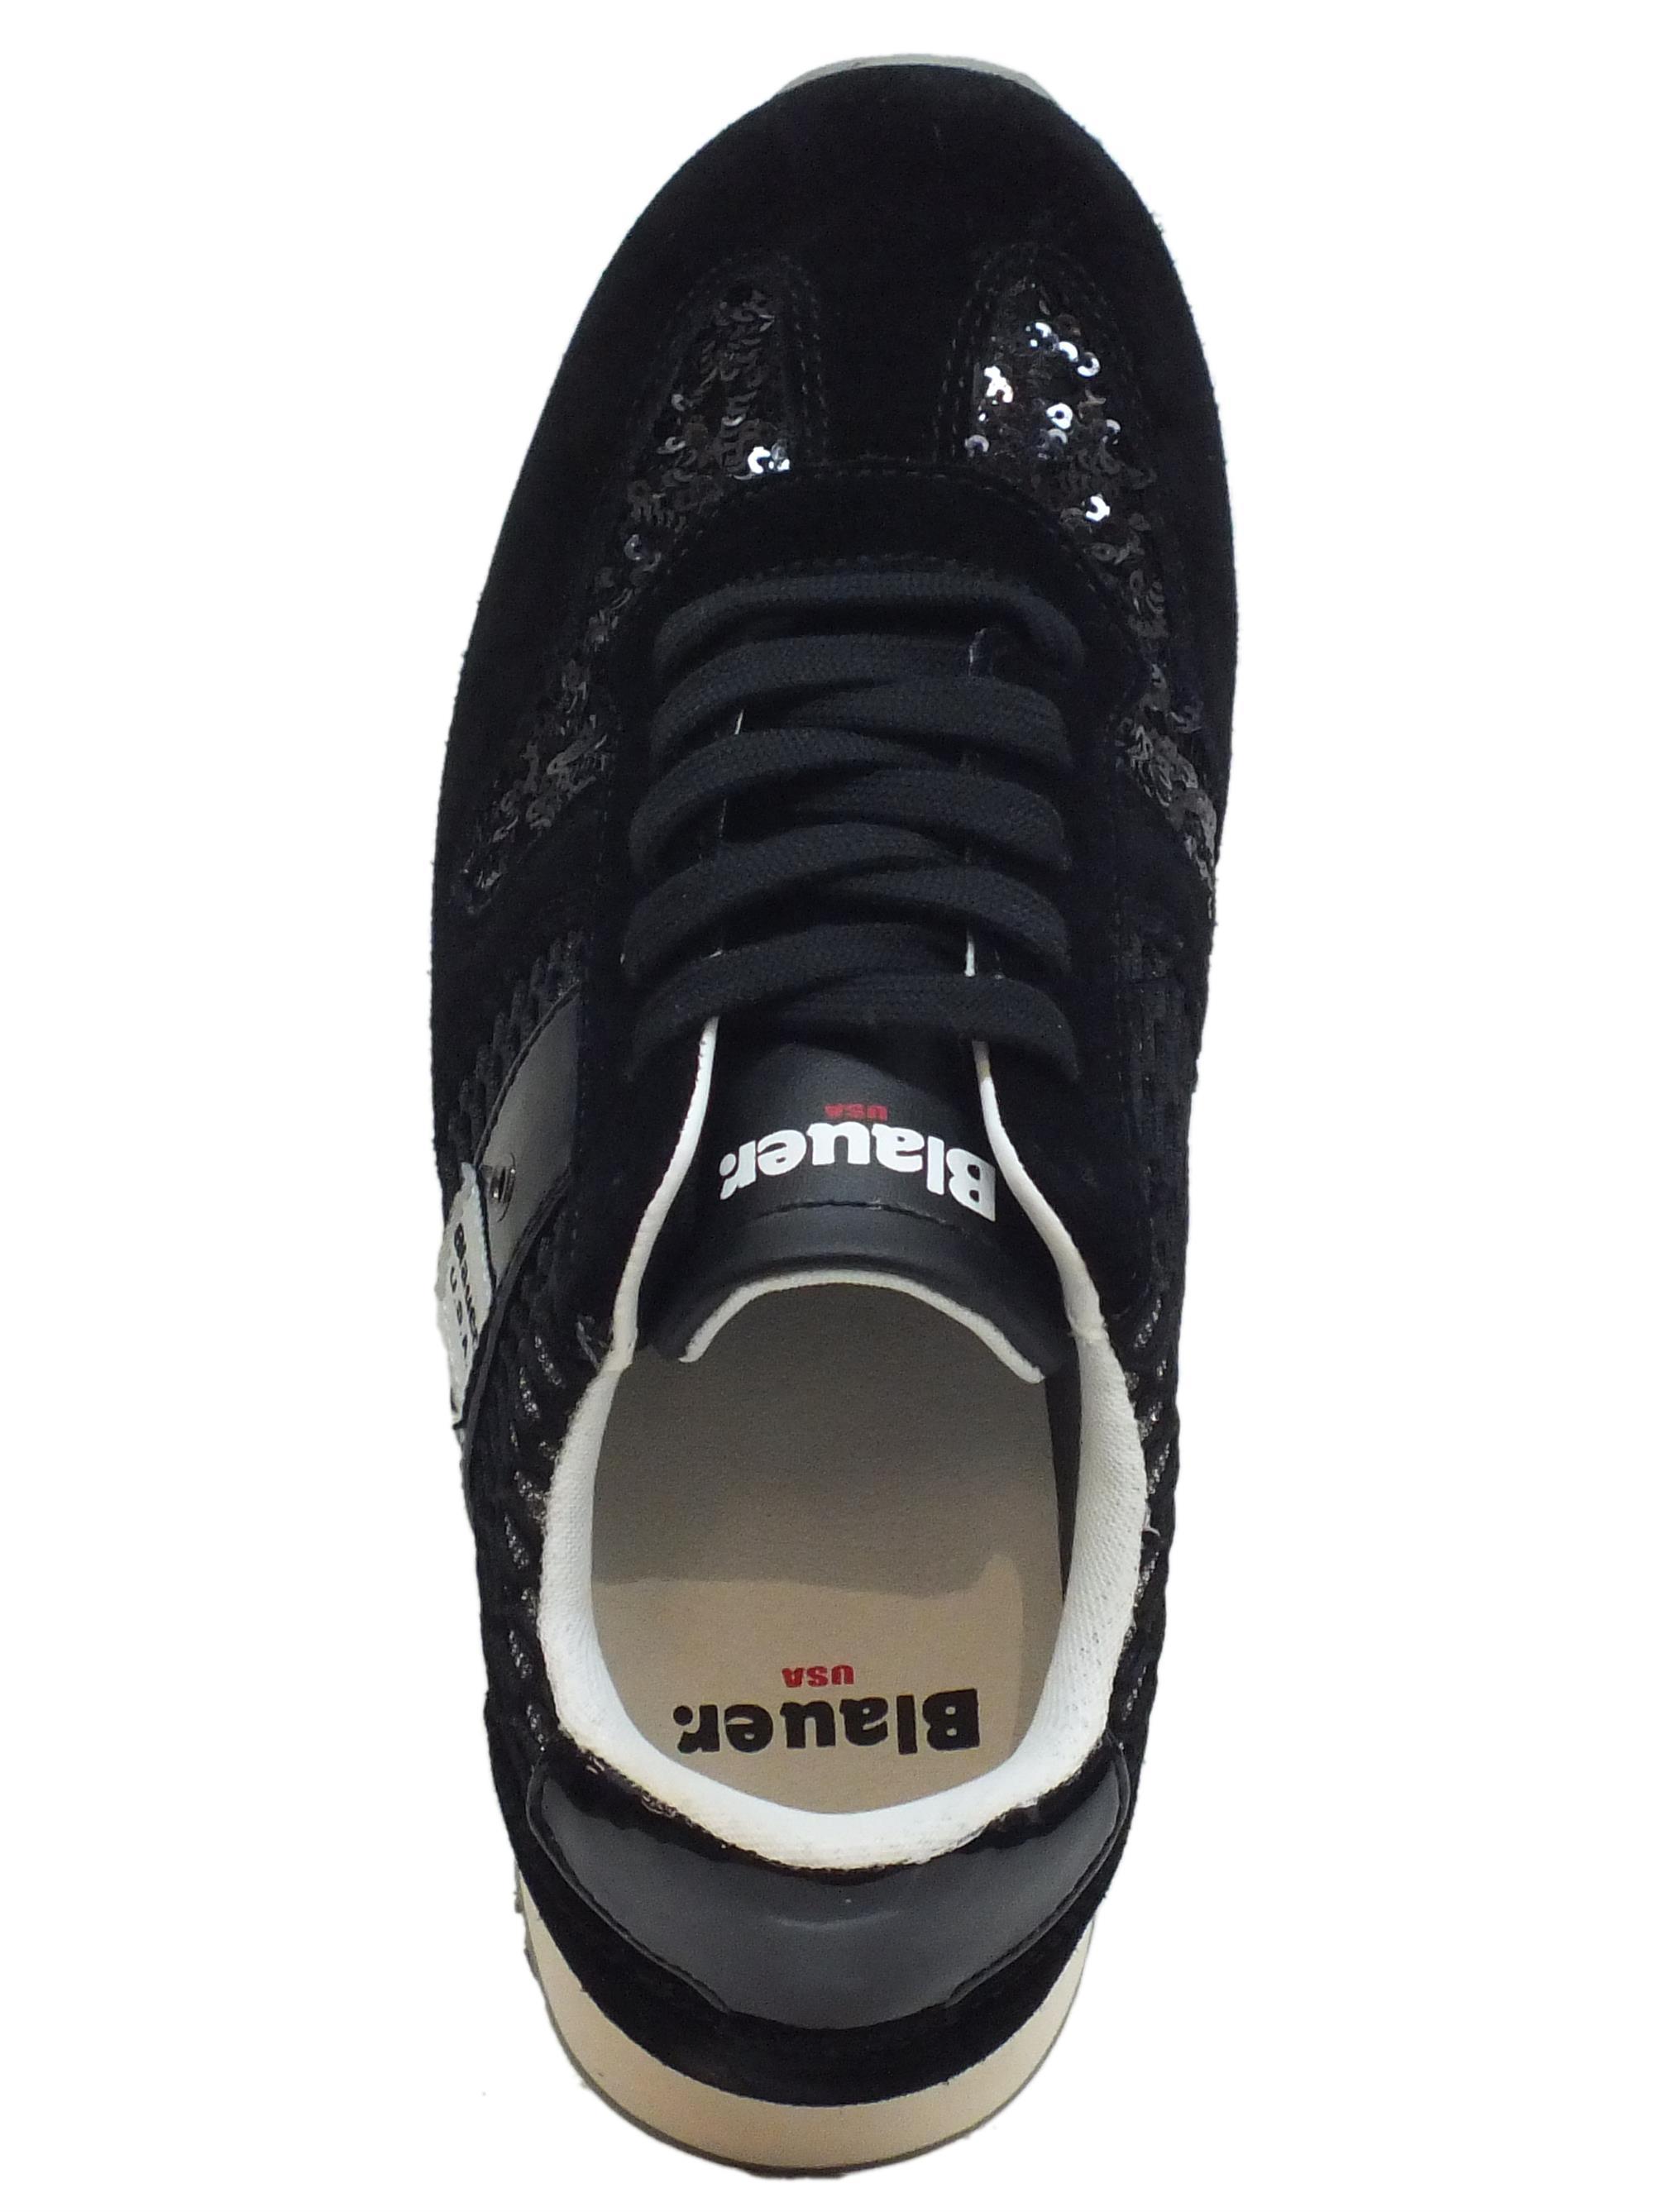 Sneakers Blauer USA donna camoscio paiettes nera - Vitiello Calzature d288cebfa20